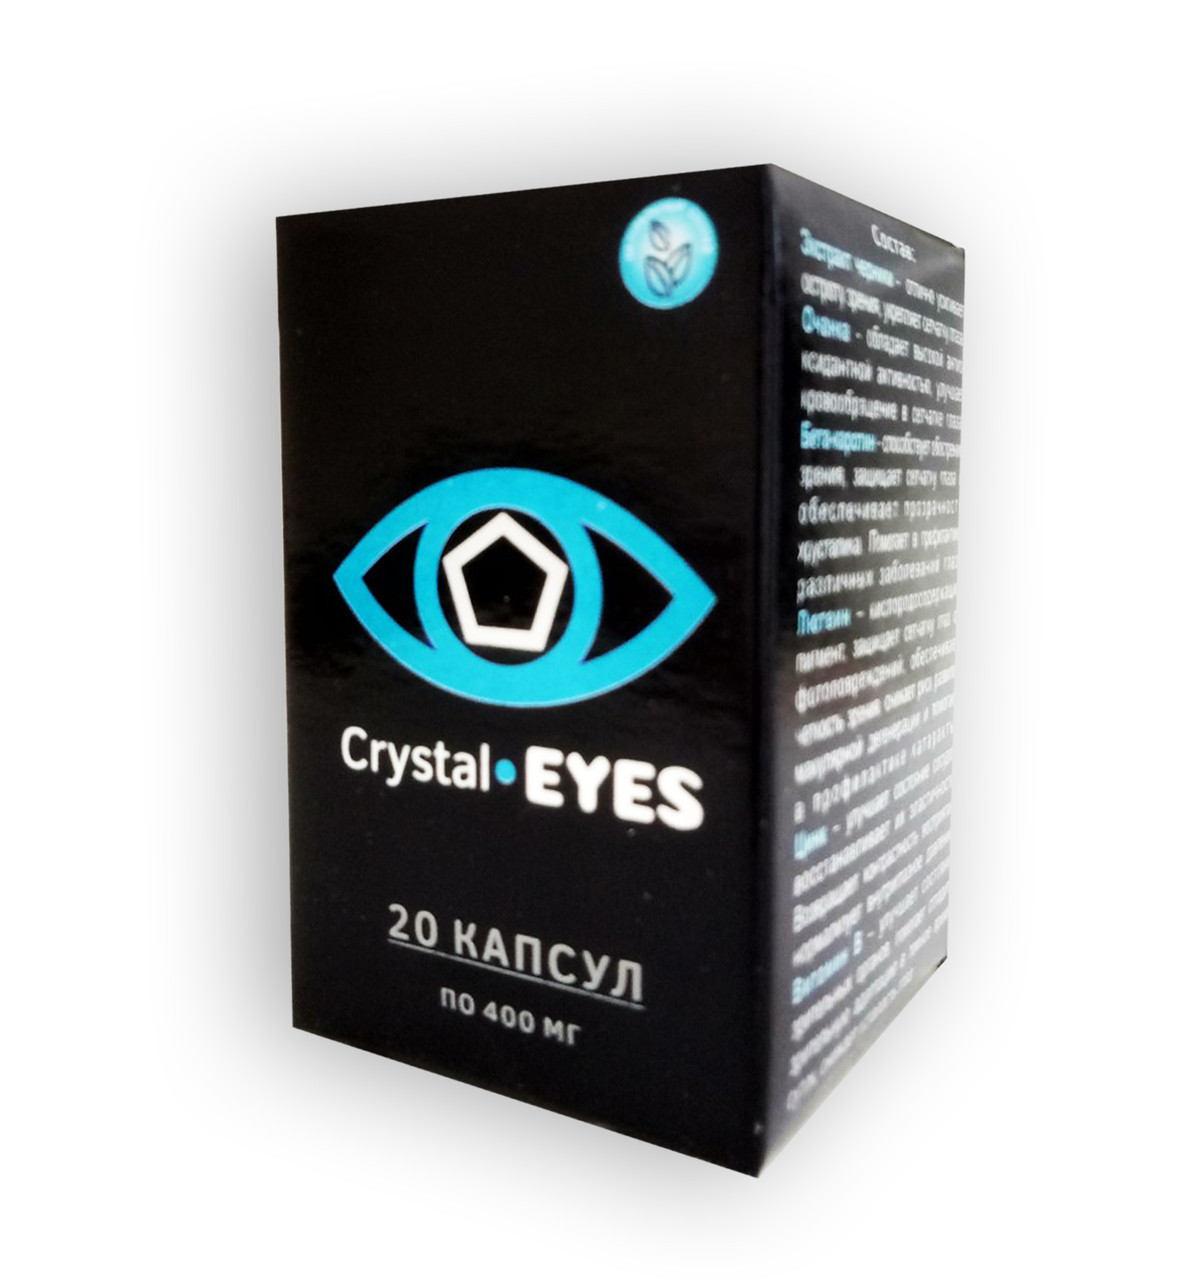 Crystal Eyes - Капсулы для восстановление зрения (Кристал Айс), Снимают воспаление